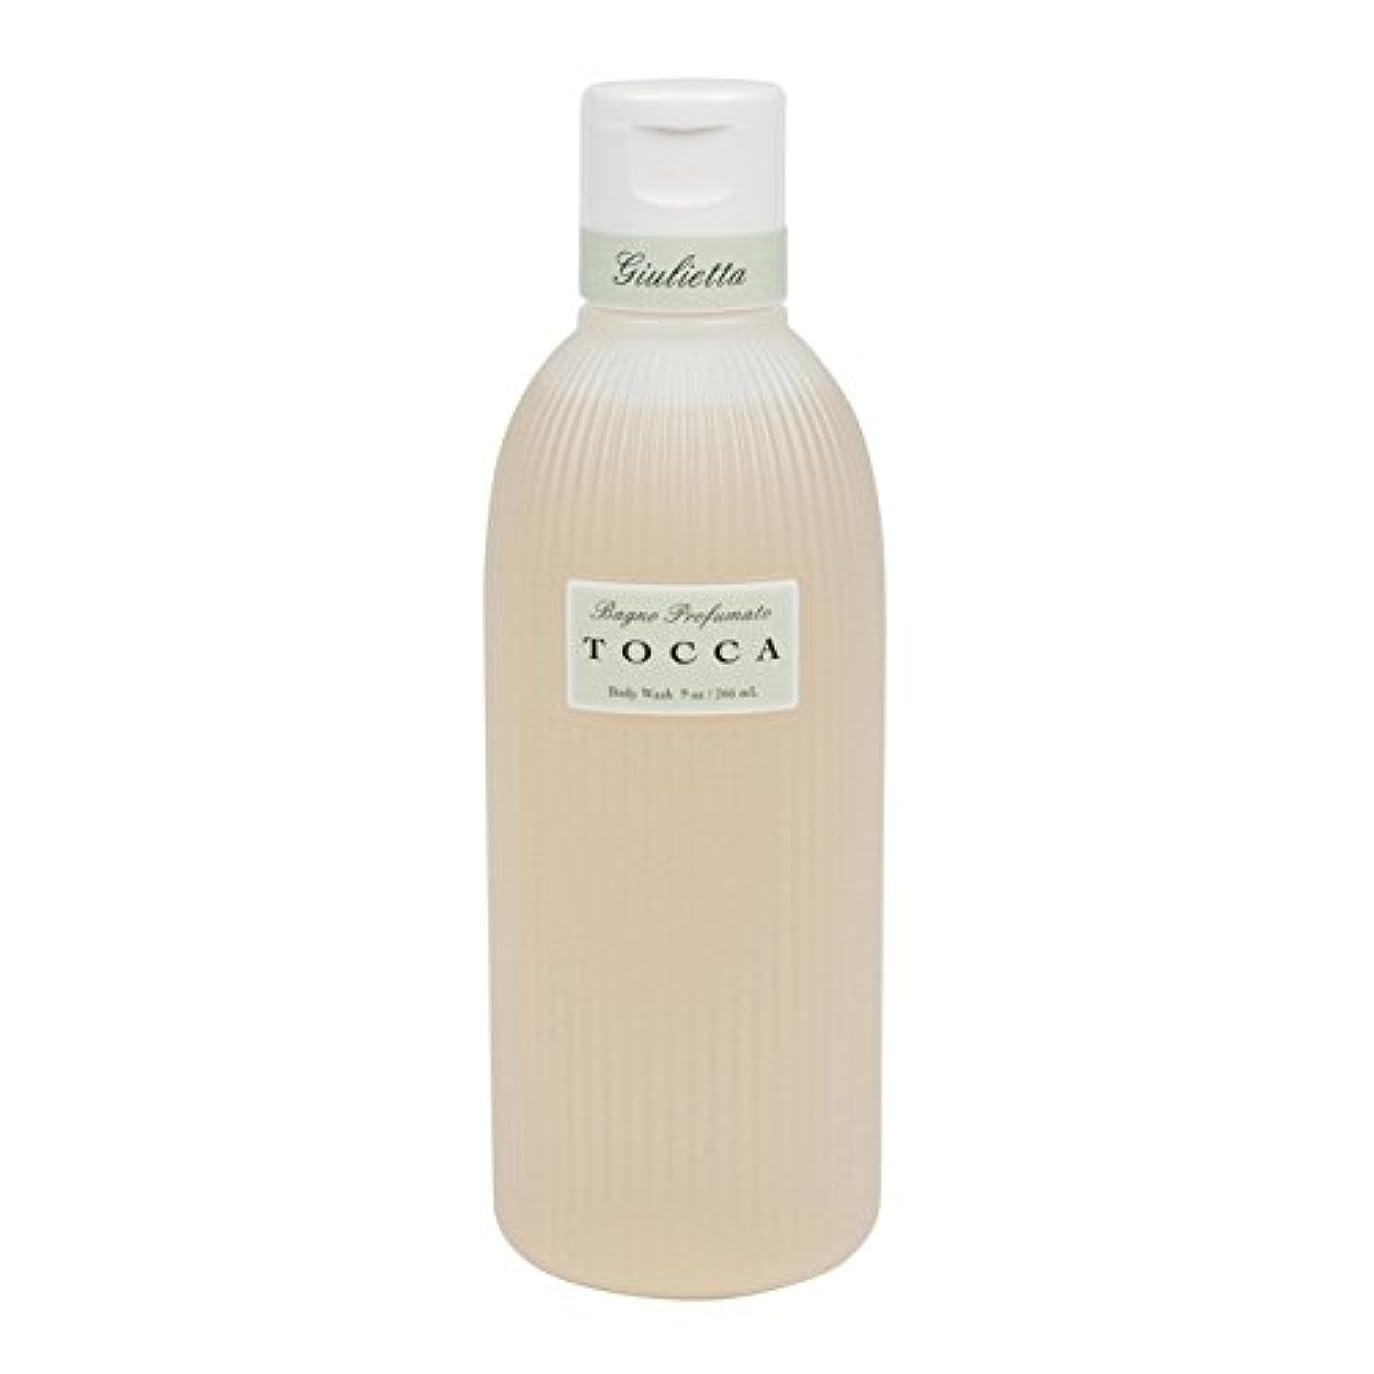 ナプキン中級回転させるトッカ(TOCCA) ボディーケアウォッシュ ジュリエッタの香り  266ml(全身用洗浄料 ボディーソープ ピンクチューリップとグリーンアップルの爽やかで甘い香り)